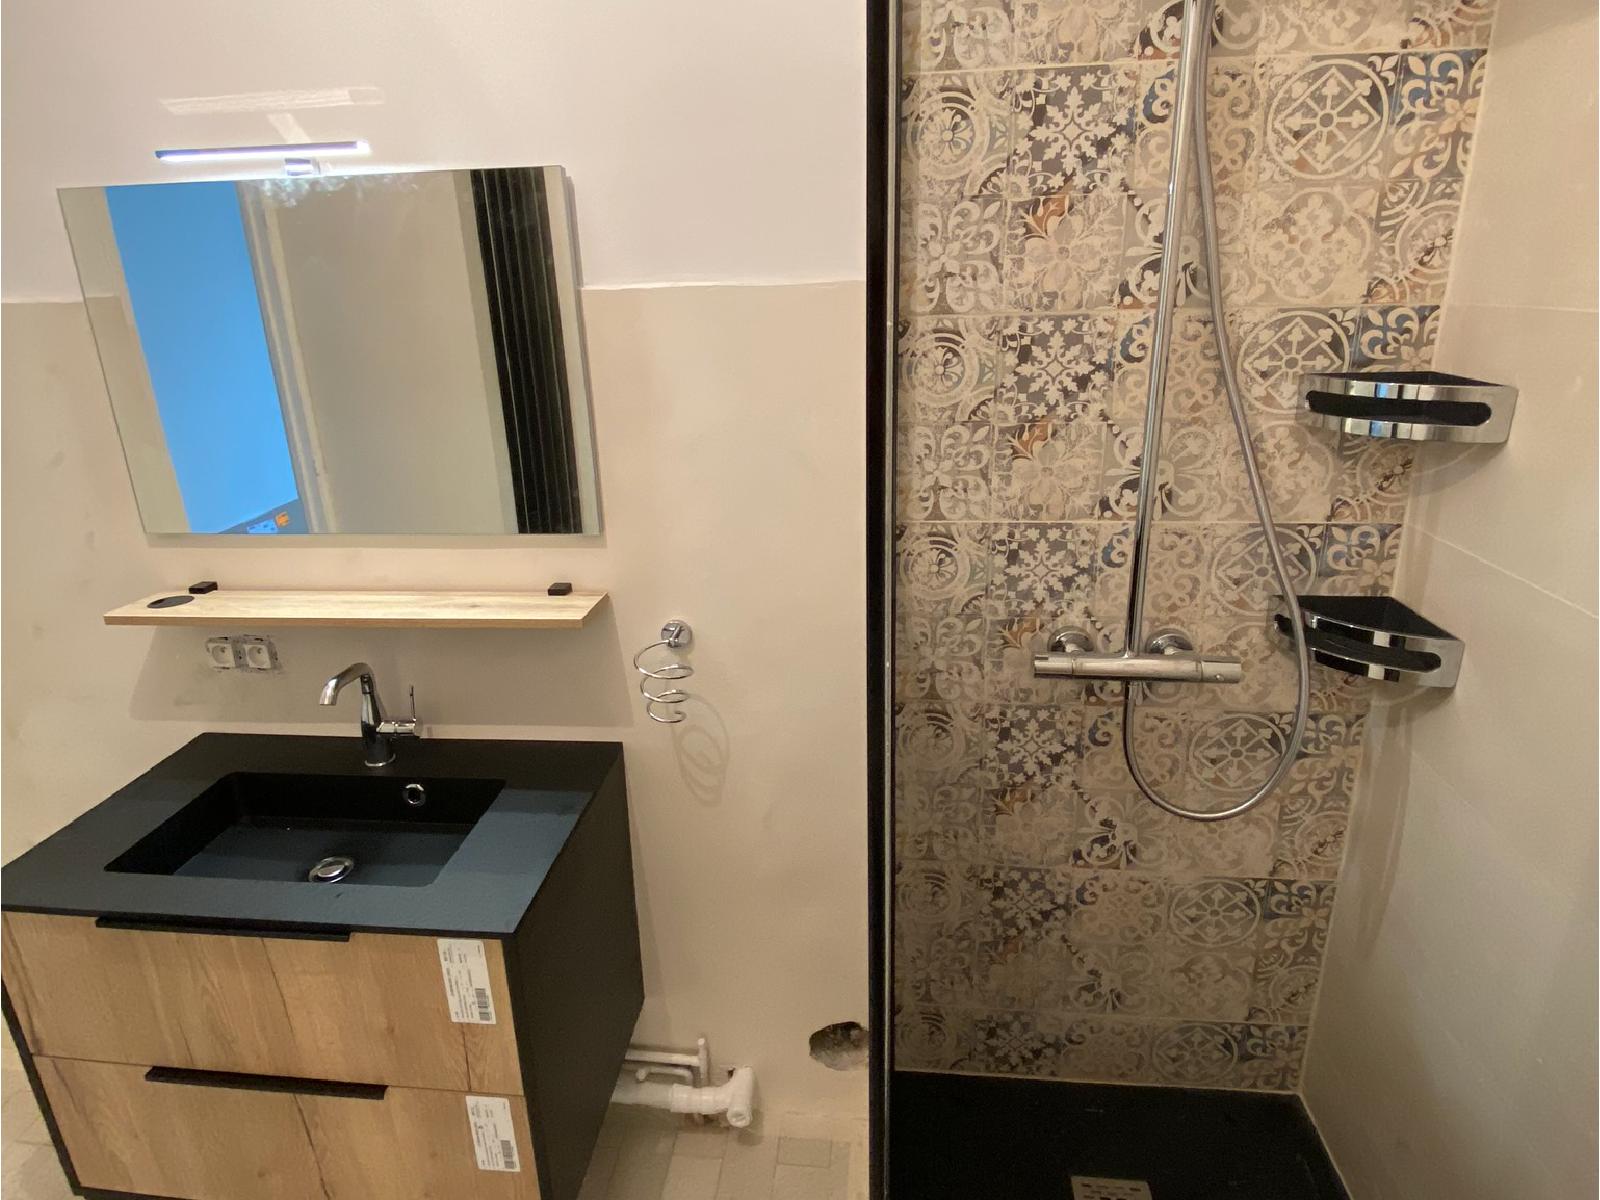 réalisation travaux électrique sur salle de bain